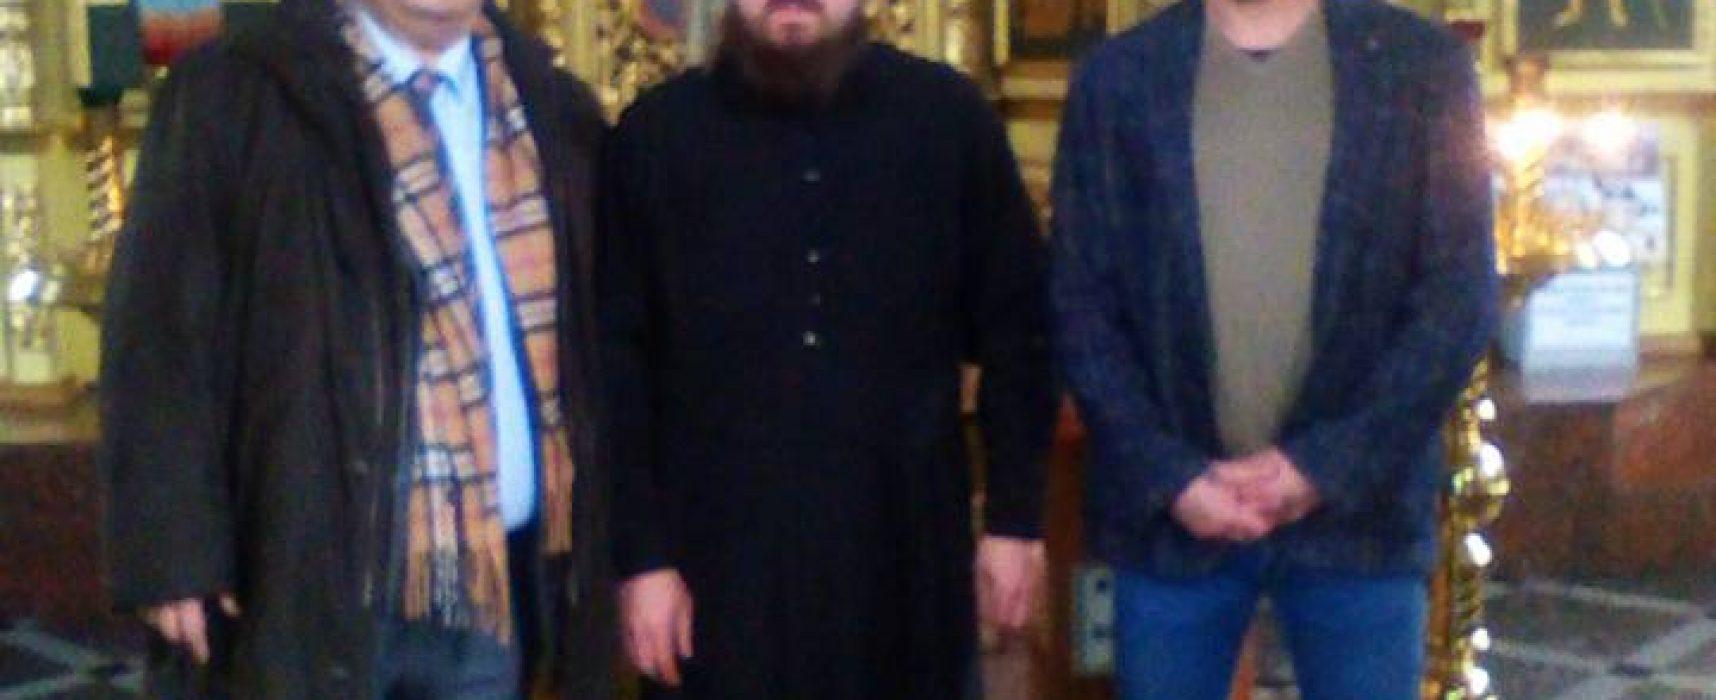 Un professore messinese raccoglie fondi per l'associazione di un neofascista